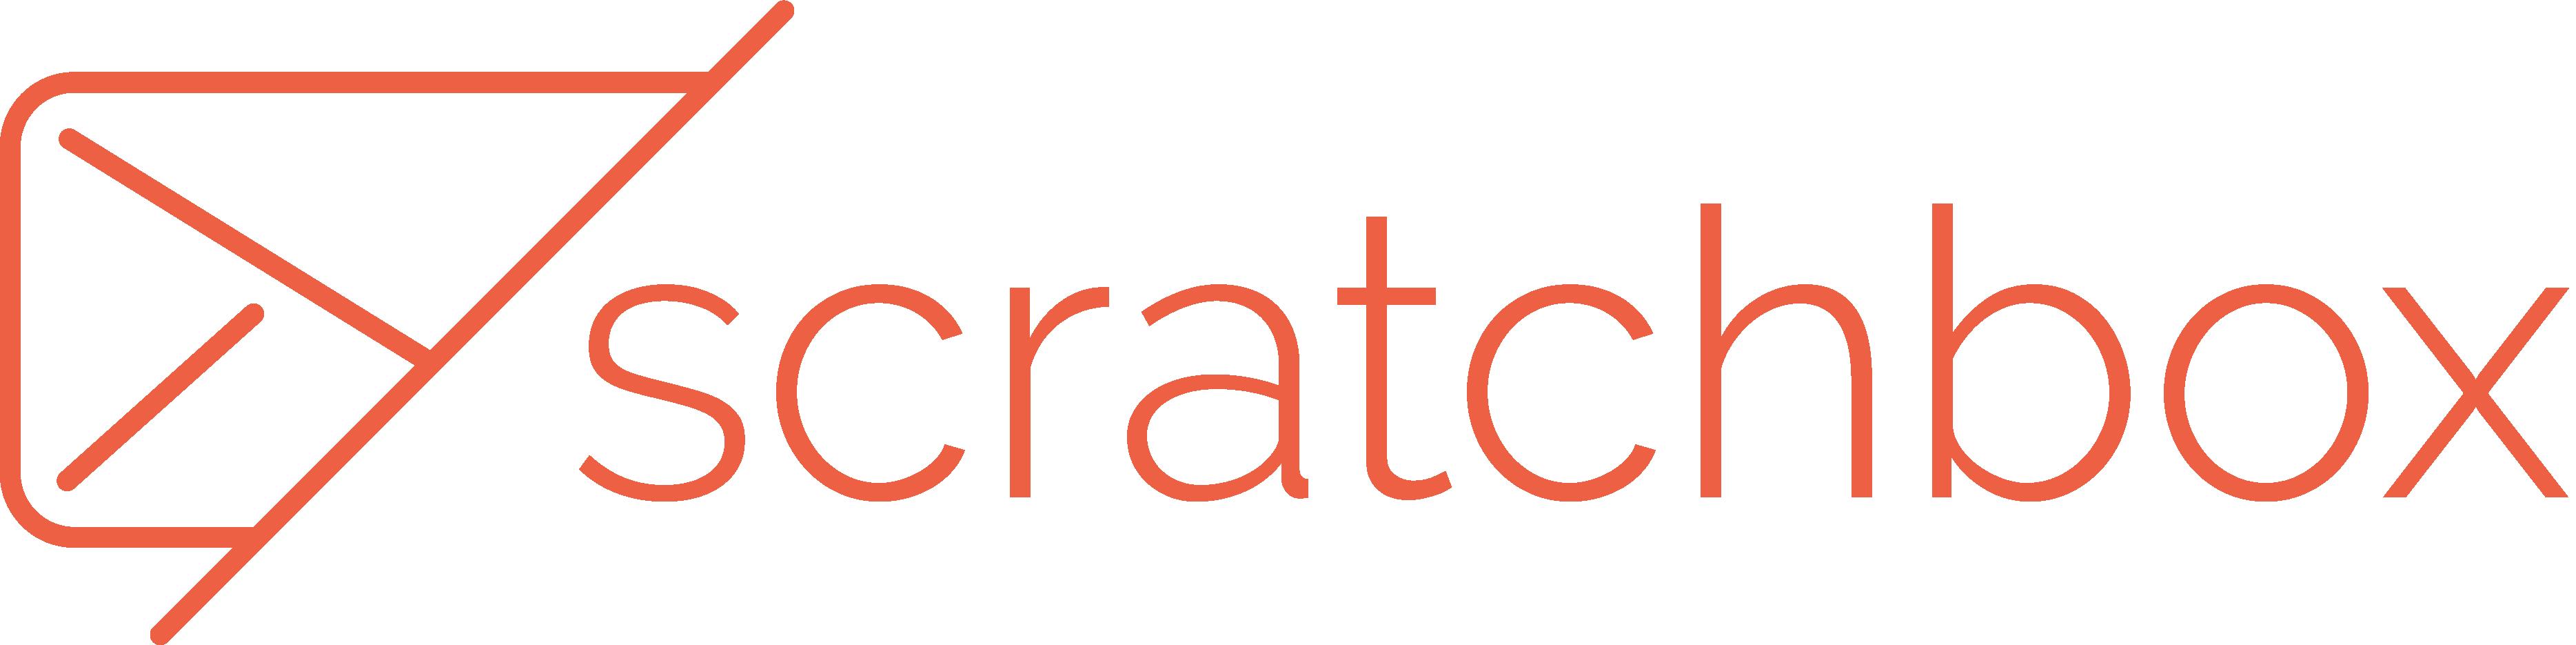 Scratchbox